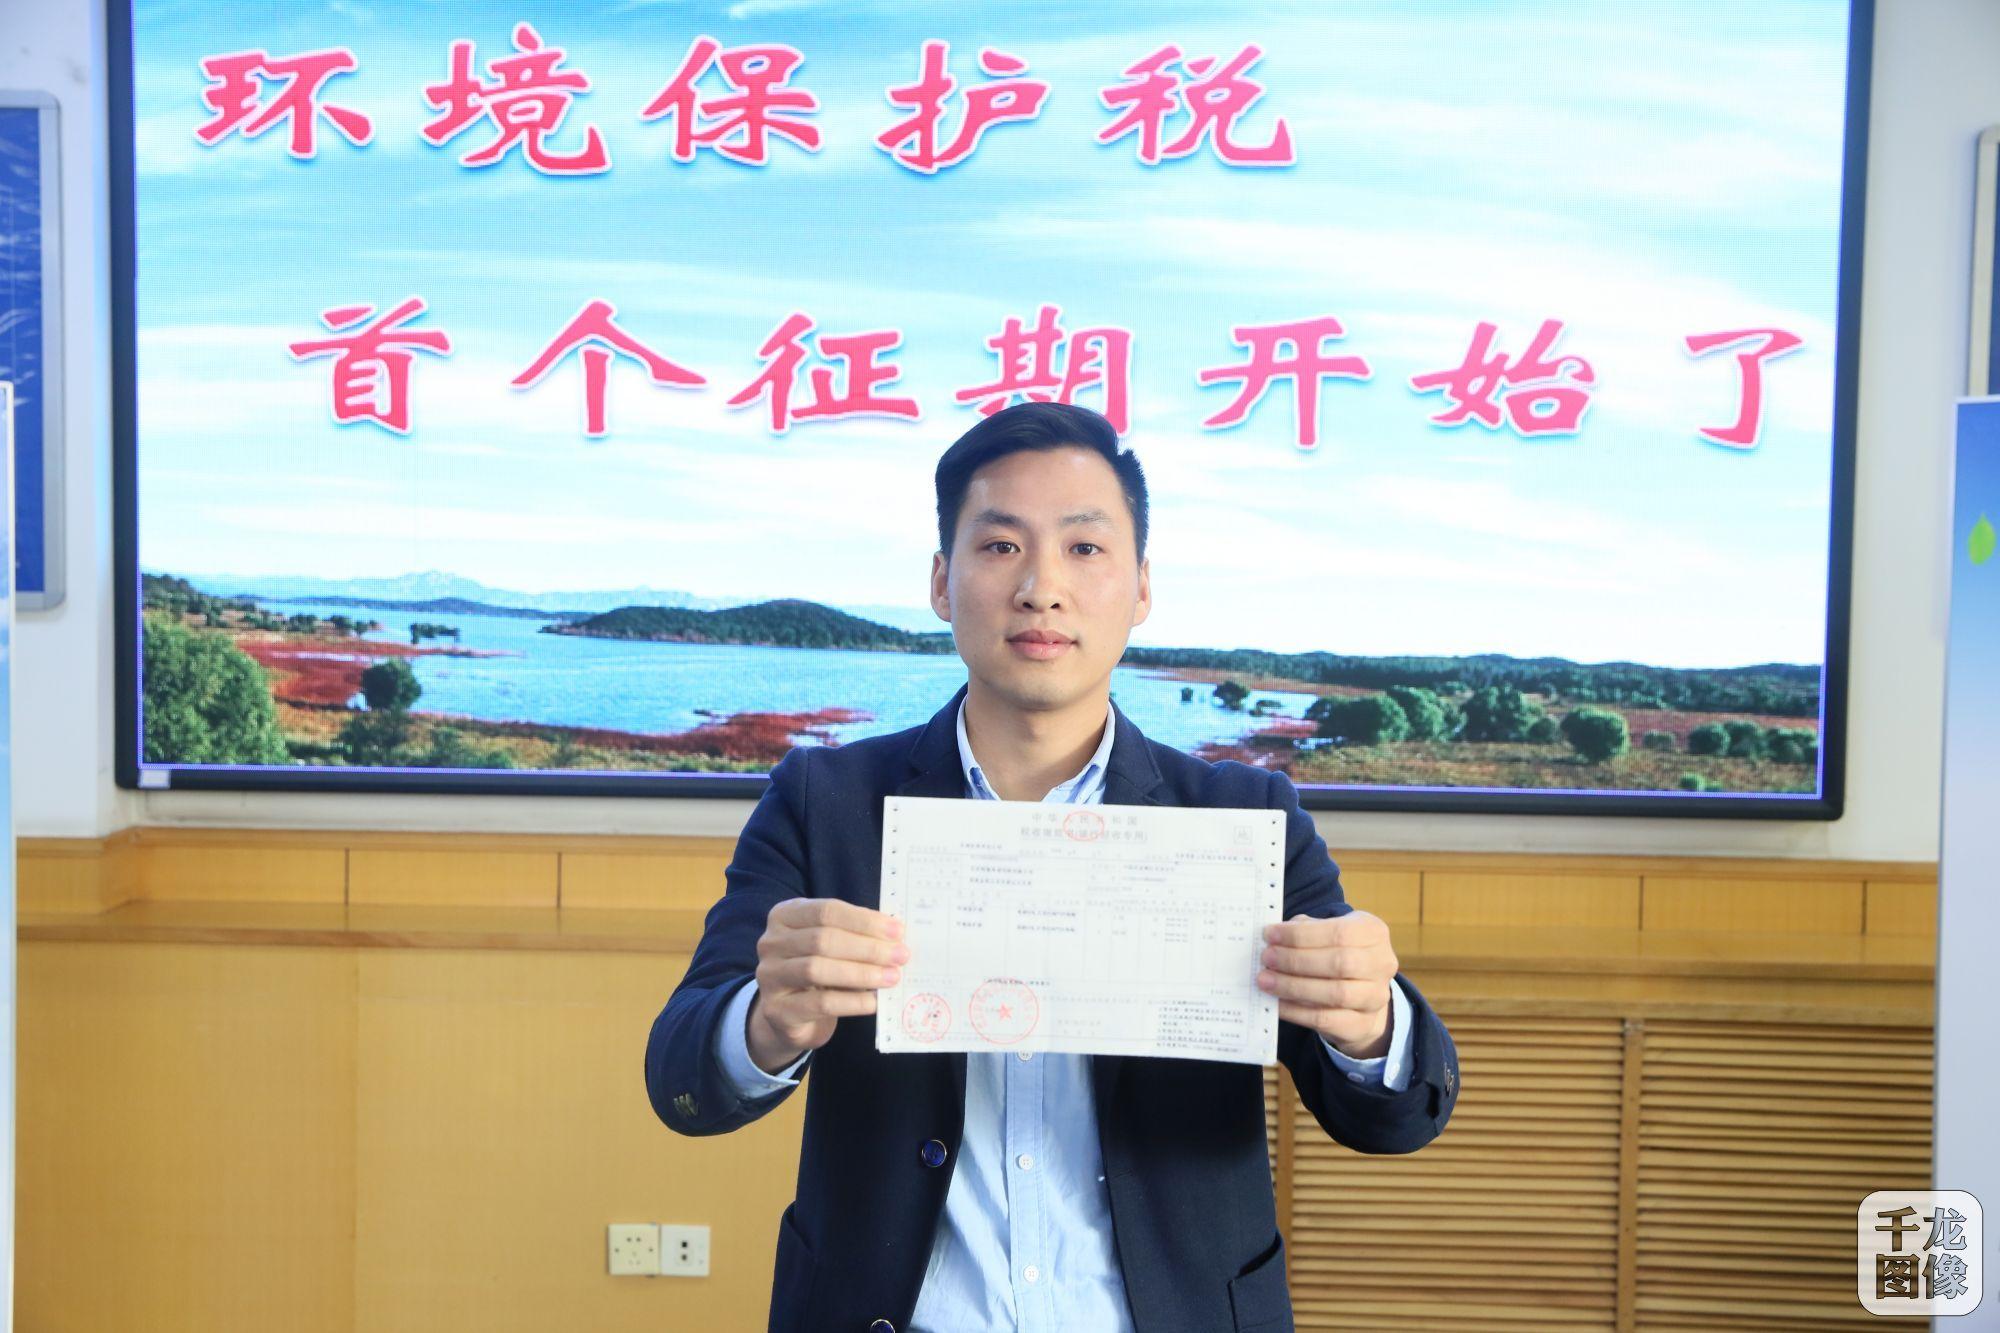 北京特驱希望饲料有限公司财务负责人王虎展示北京市首张环境保护税缴款书